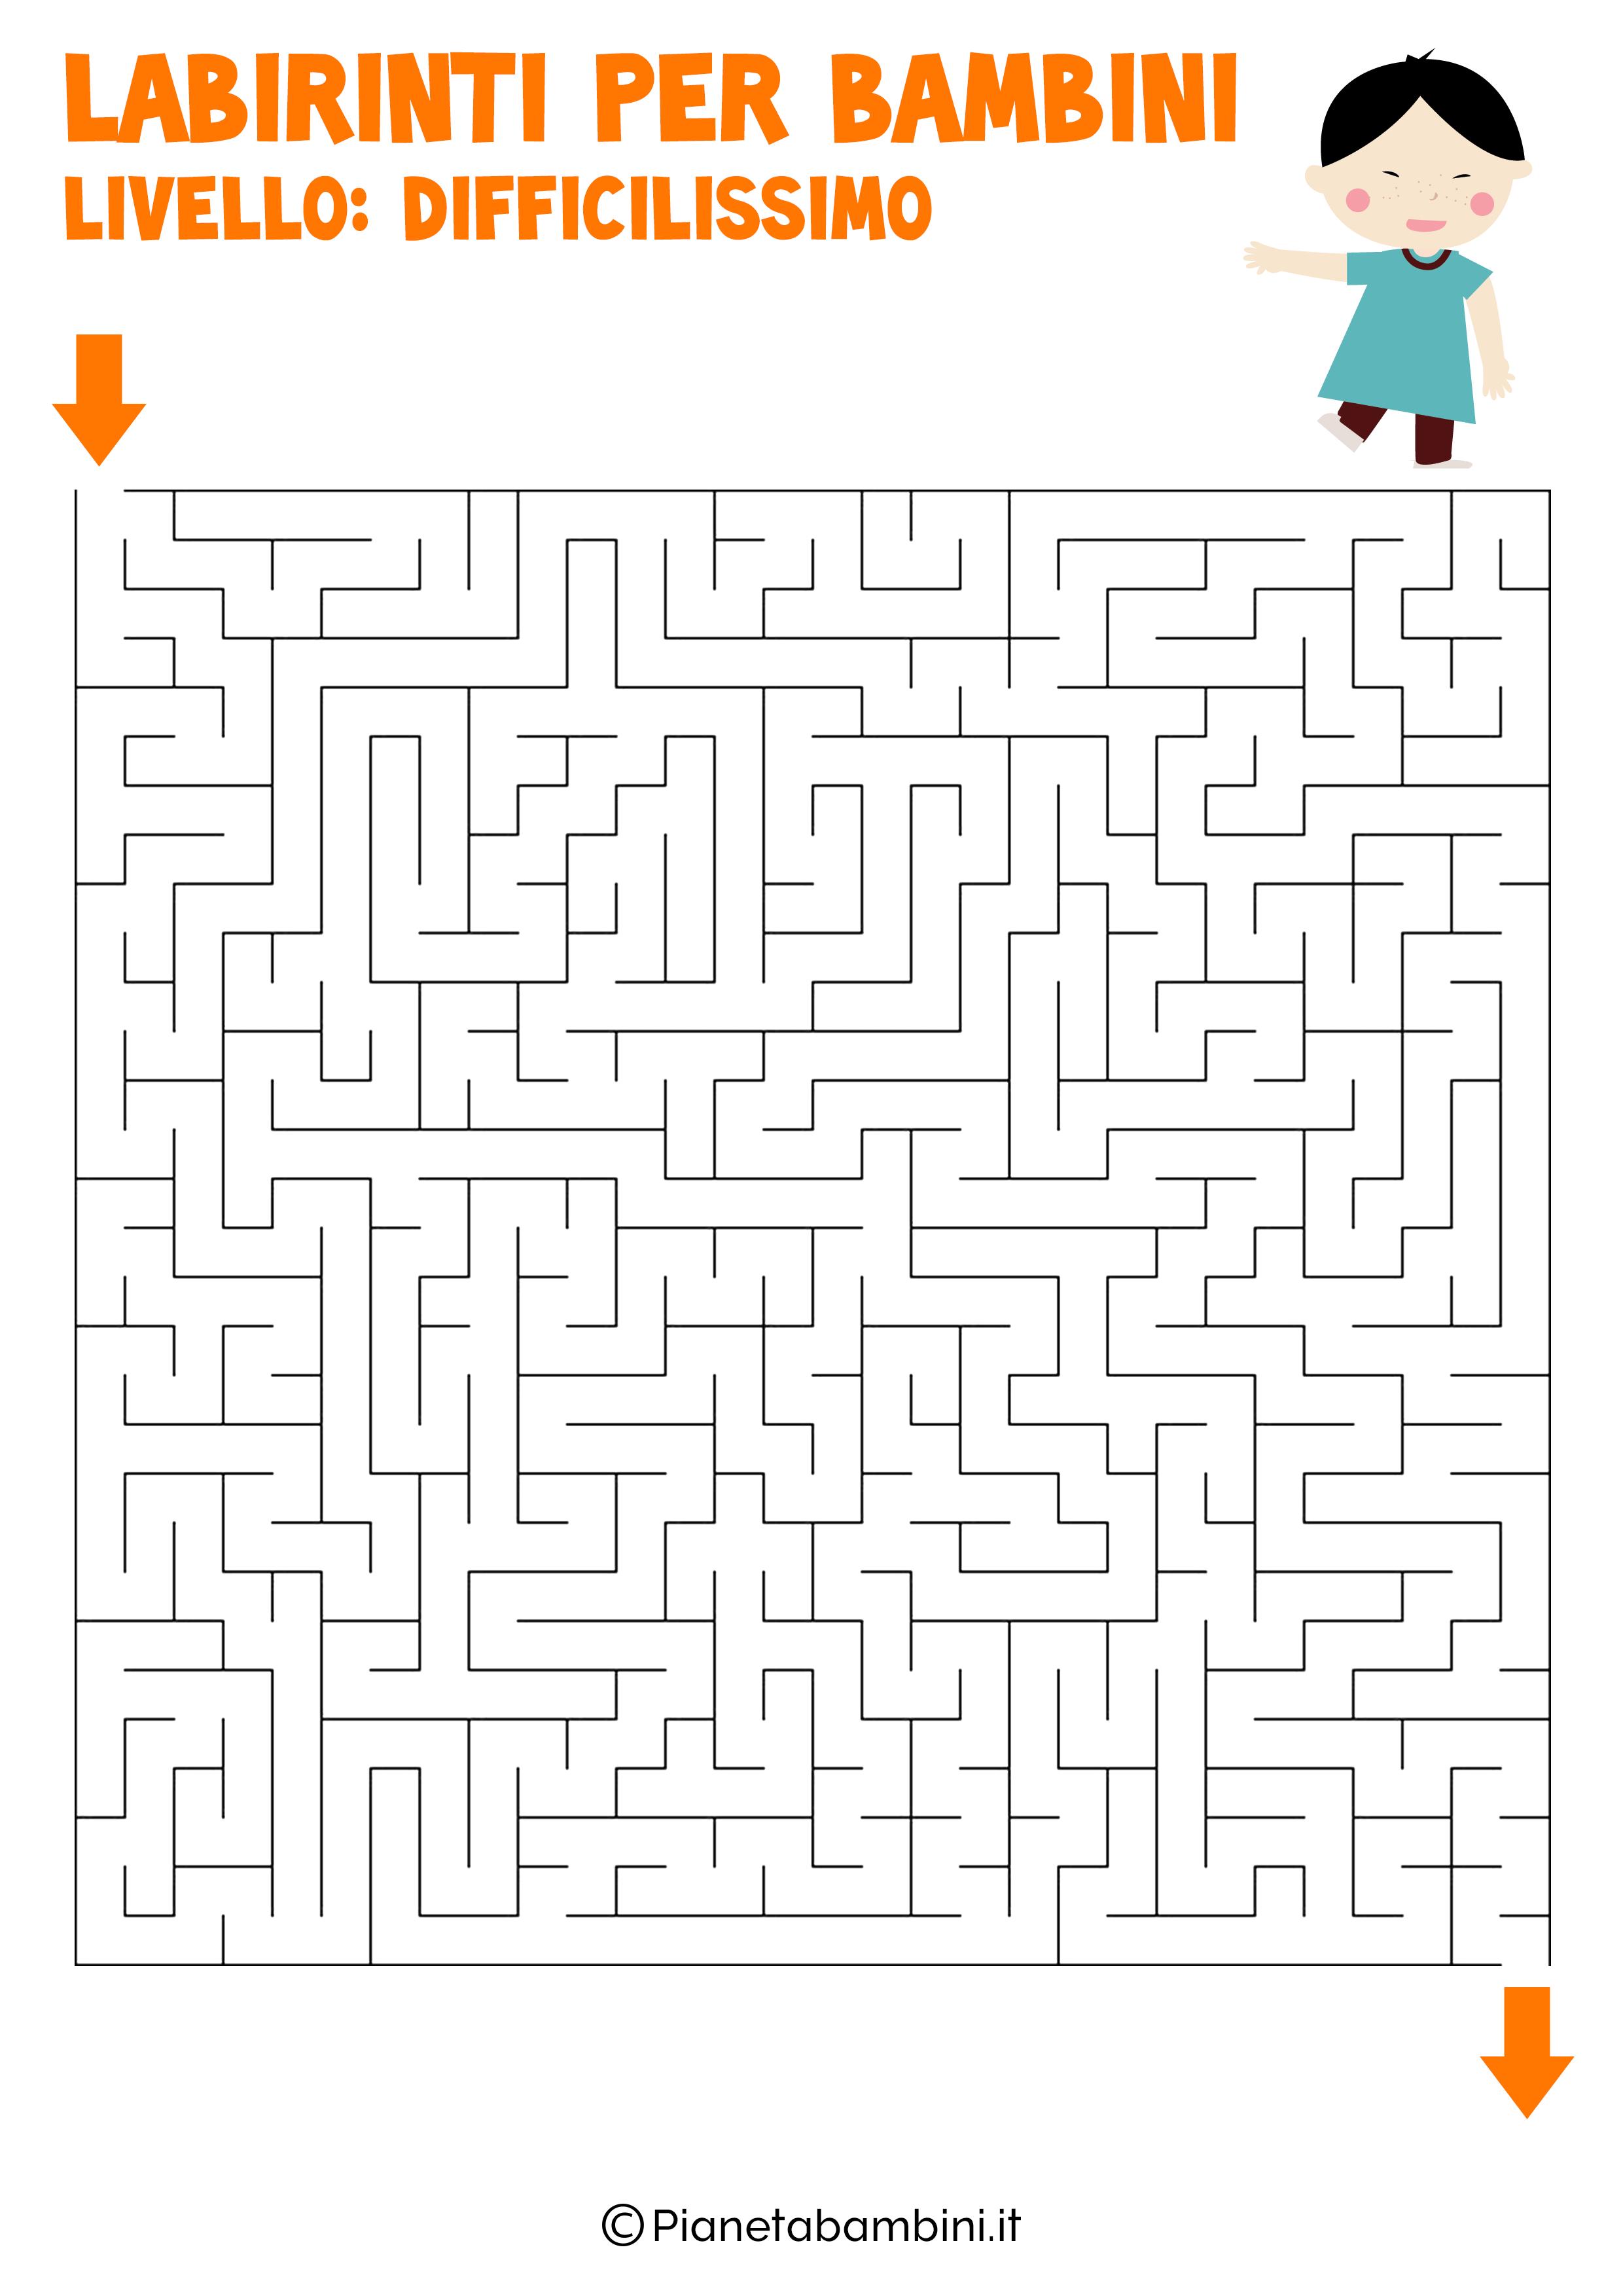 Labirinto difficilissimo per bambini numero 8